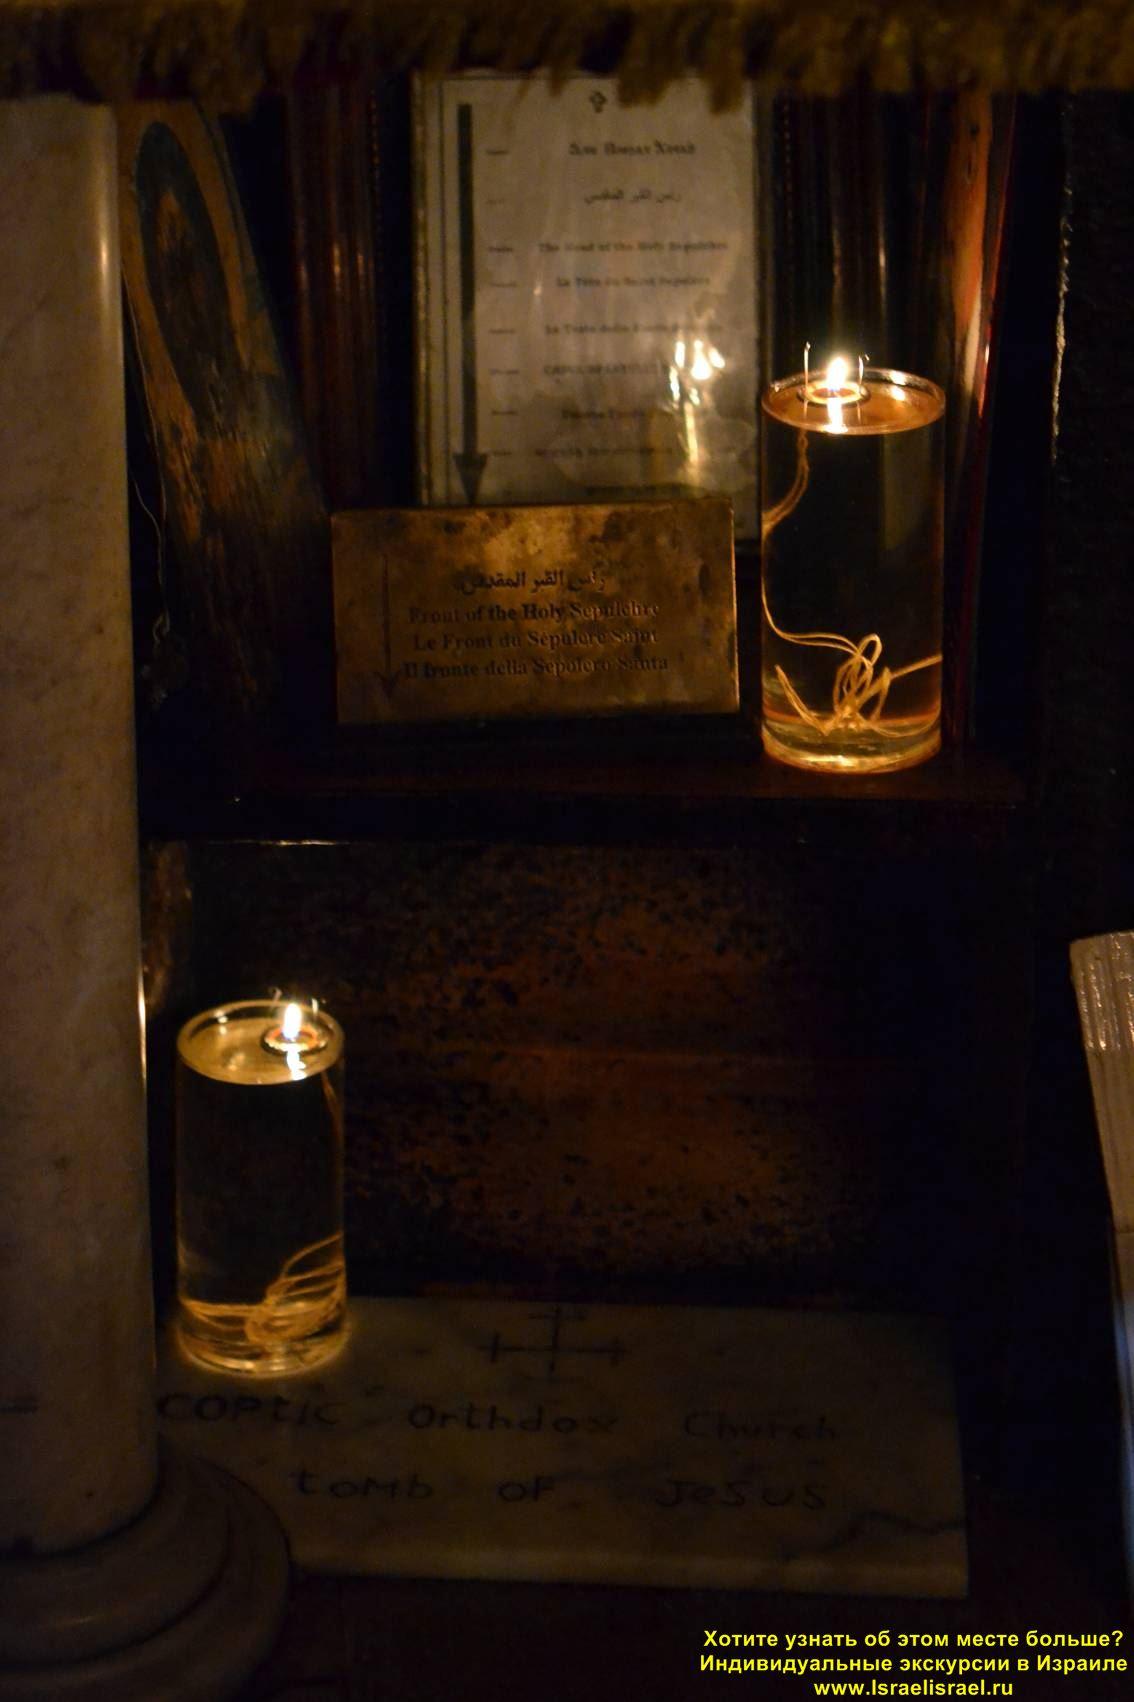 Коптская церковь в храме Гроба Господня Иерусалим услуги гида в израиле Индивидуальные экскурсии в Израиле заказать в Иерусалиме